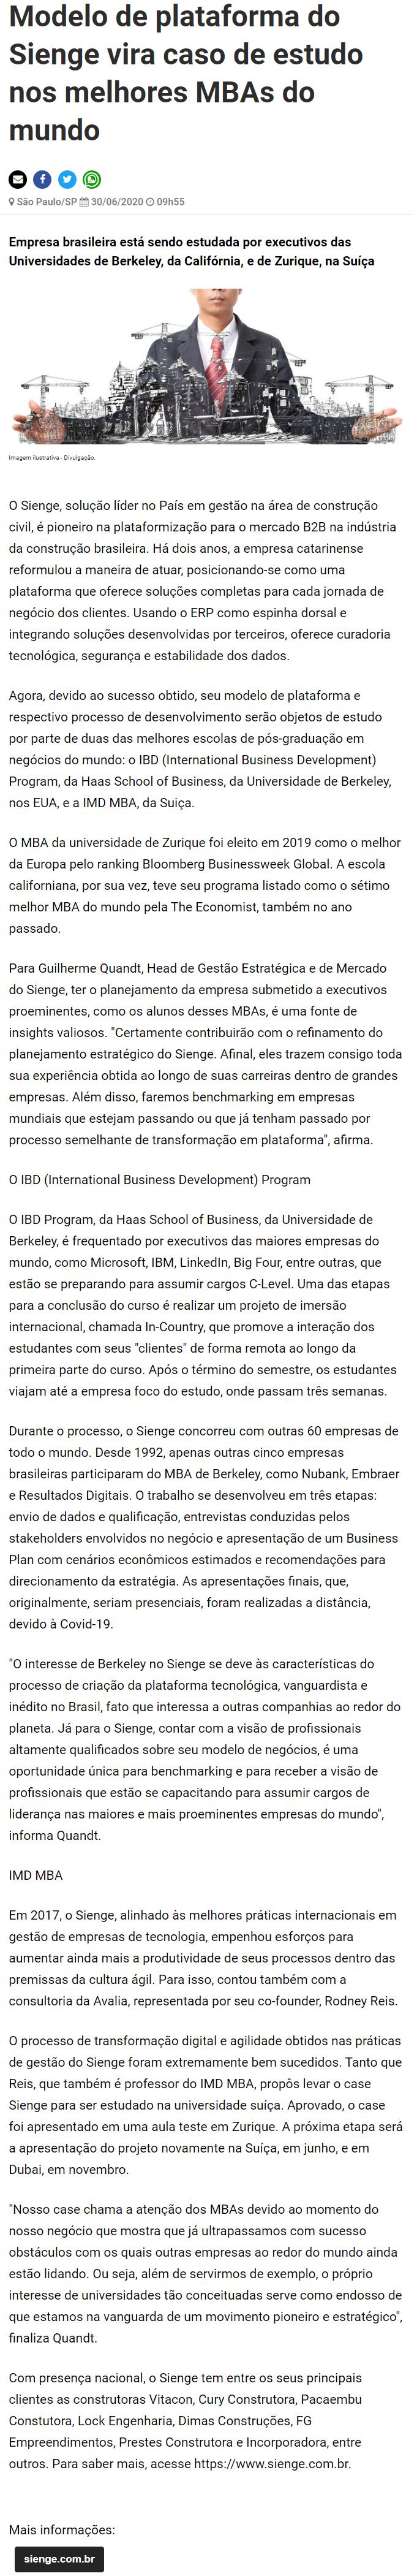 Modelo de plataforma do Sienge vira caso de estudo nos melhores MBAs do mundo - Negócios em Foco